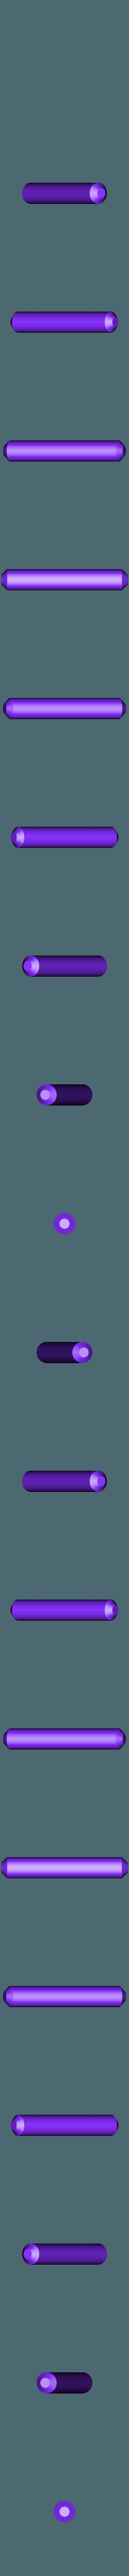 side_LT_rod_FULL_x2.stl Télécharger fichier STL gratuit Ghostbuster Ghostbuster Ghosttrap • Modèle pour impression 3D, SLIDES